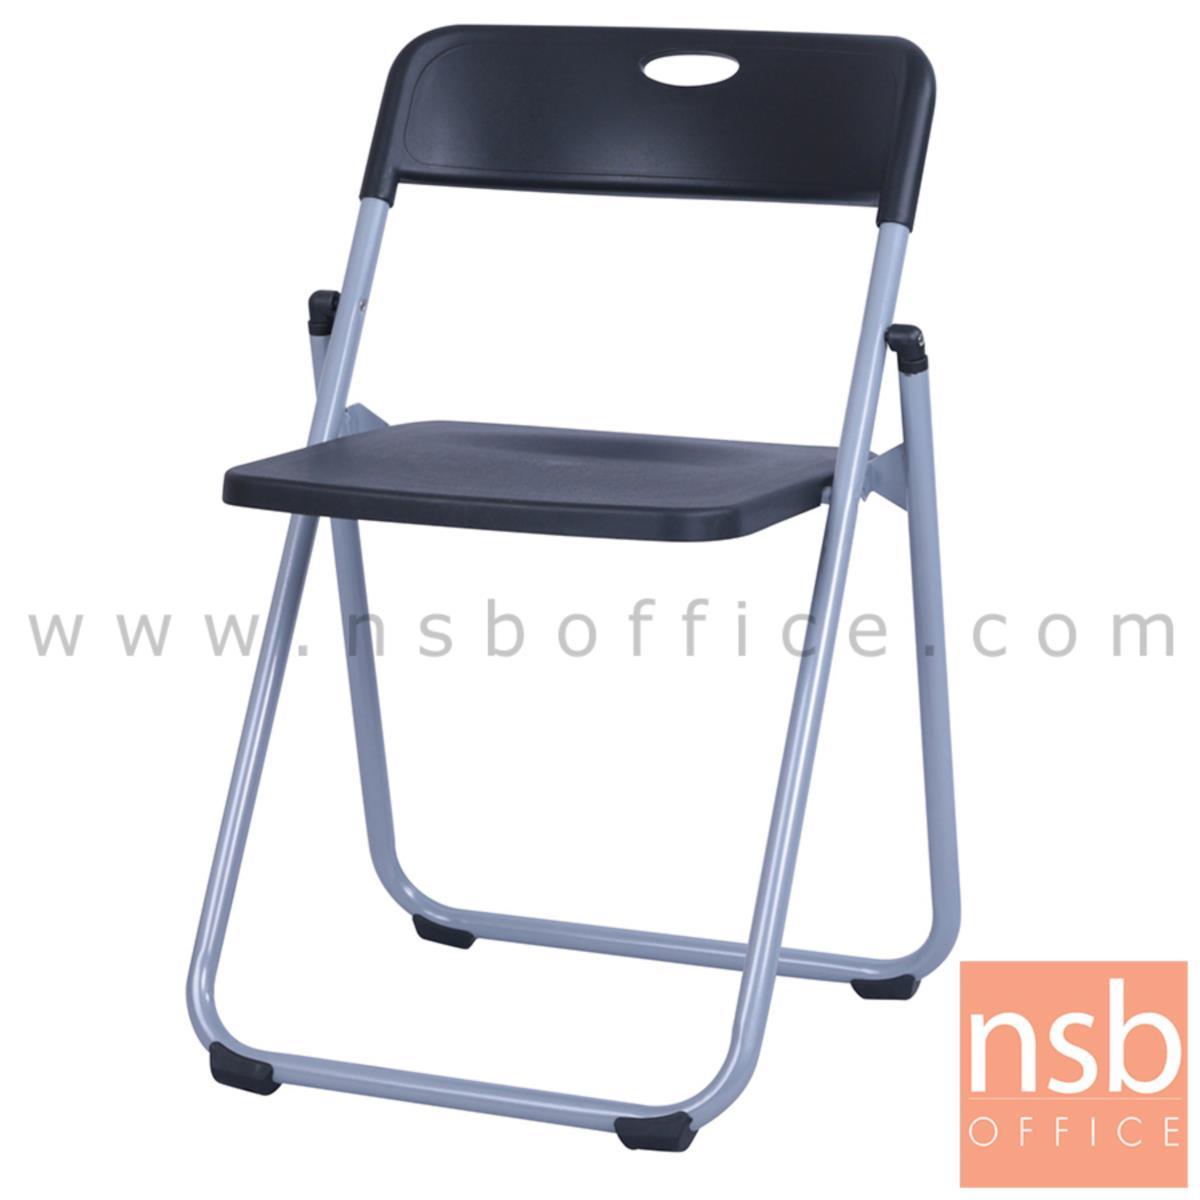 B10A095:เก้าอี้พับ รุ่น Opera (โอเปร่า) ขนาด 44W*73H cm. ขาเหล็ก